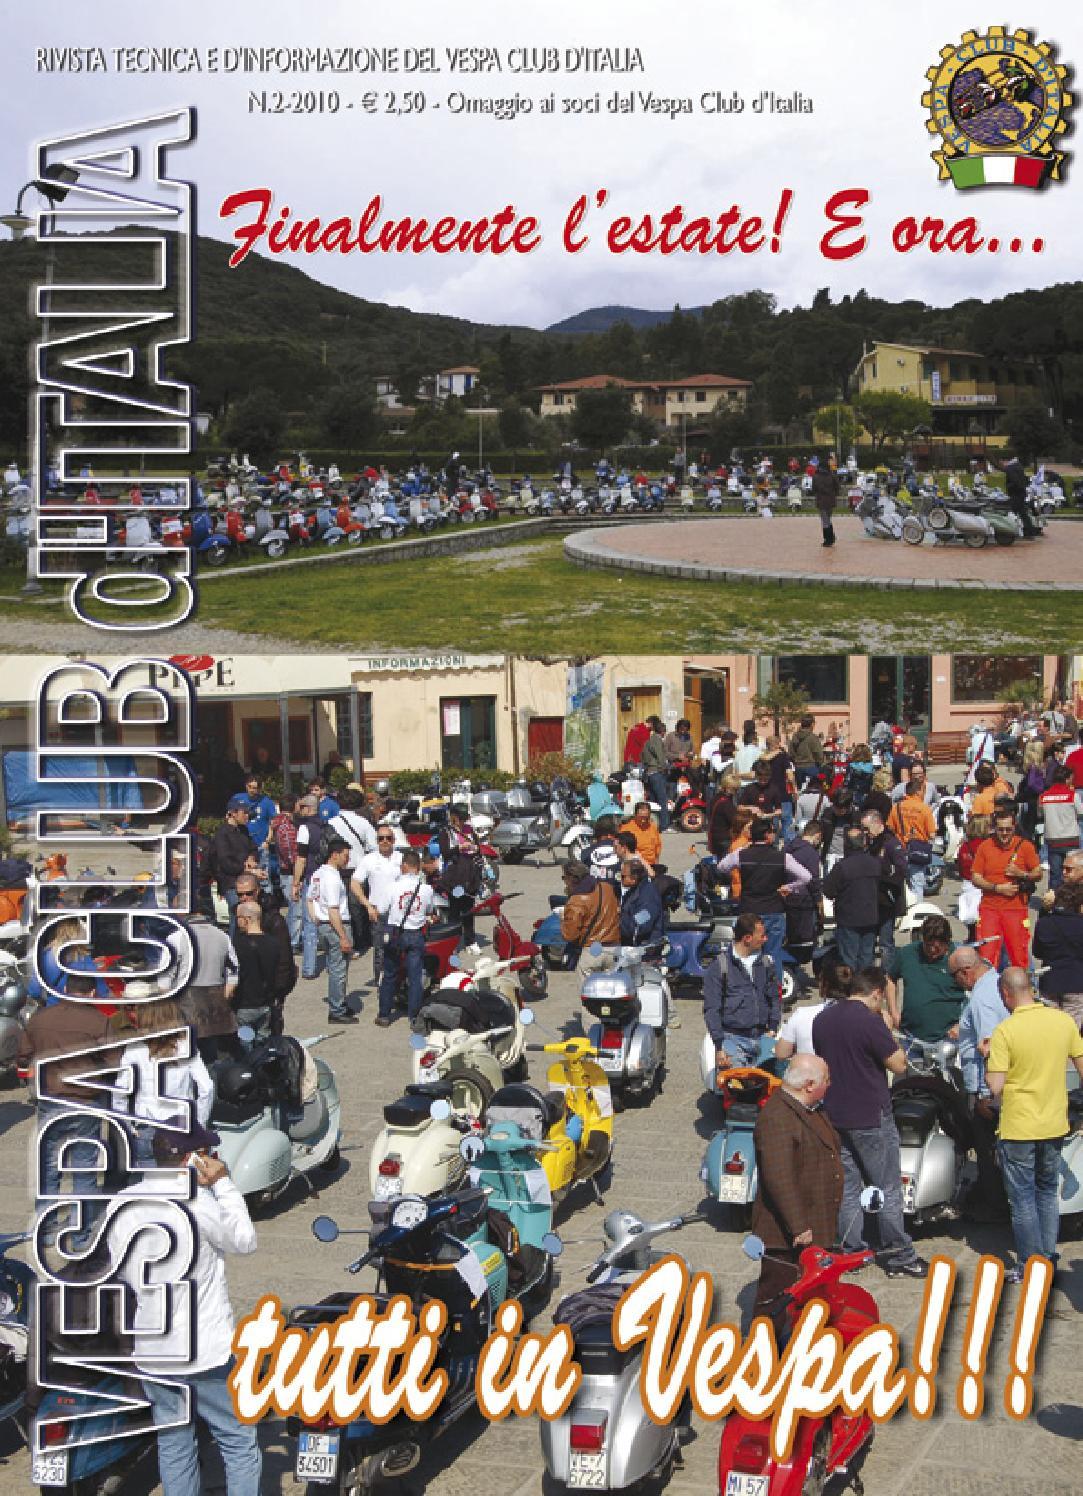 2010 2 by vespa club d 39 italia issuu for Vespa club volta mantovana